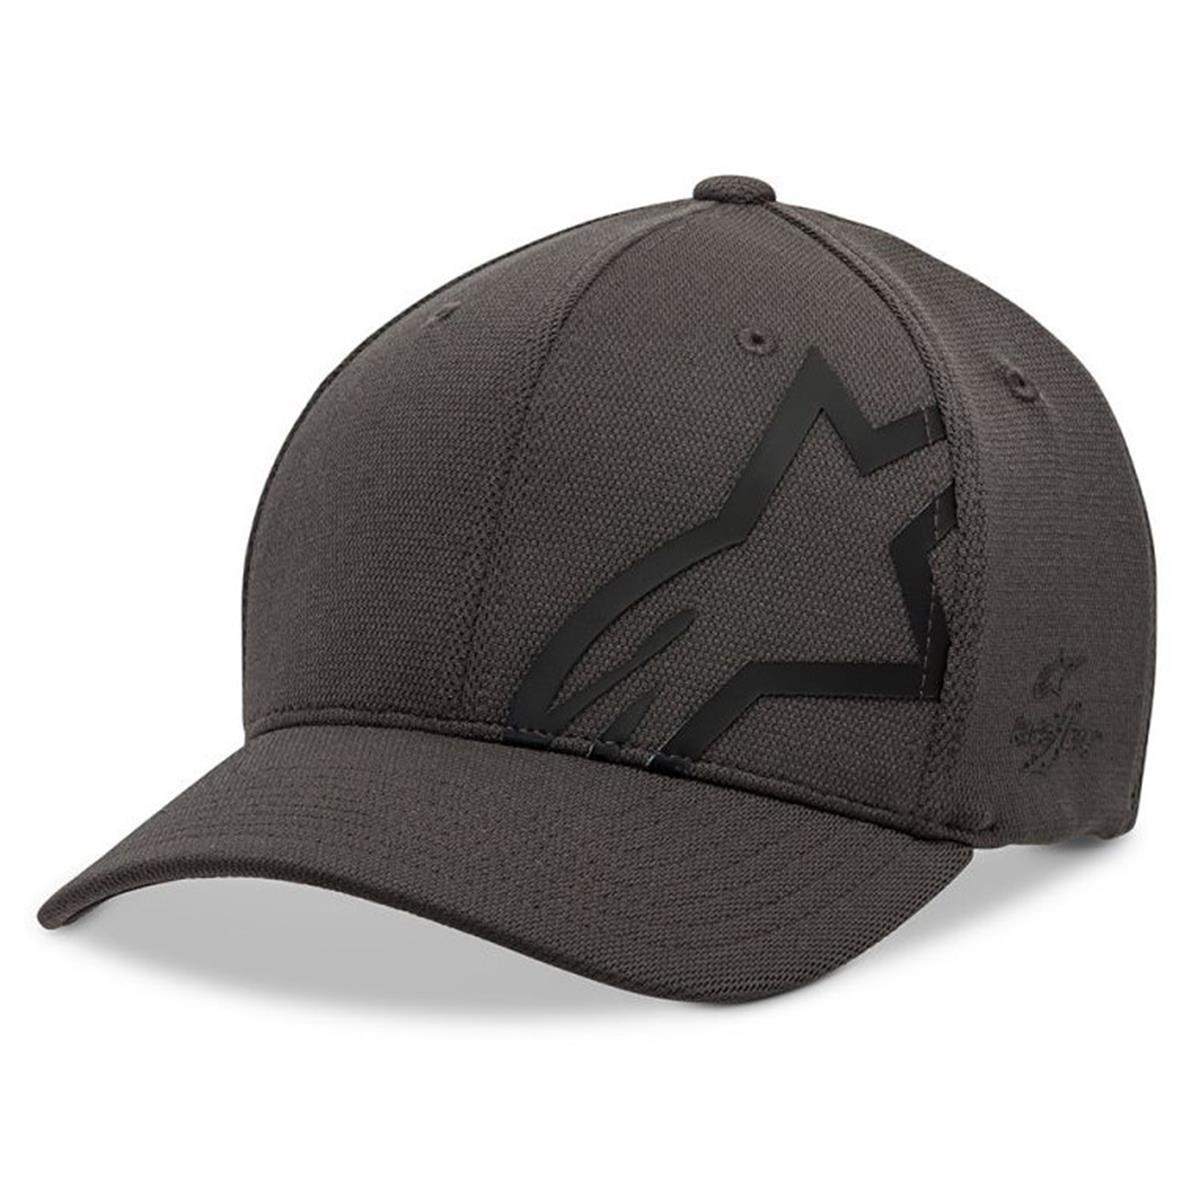 Alpinestars Flexfit Cap Corp Shift Sonic Tech Charcoal/Schwarz